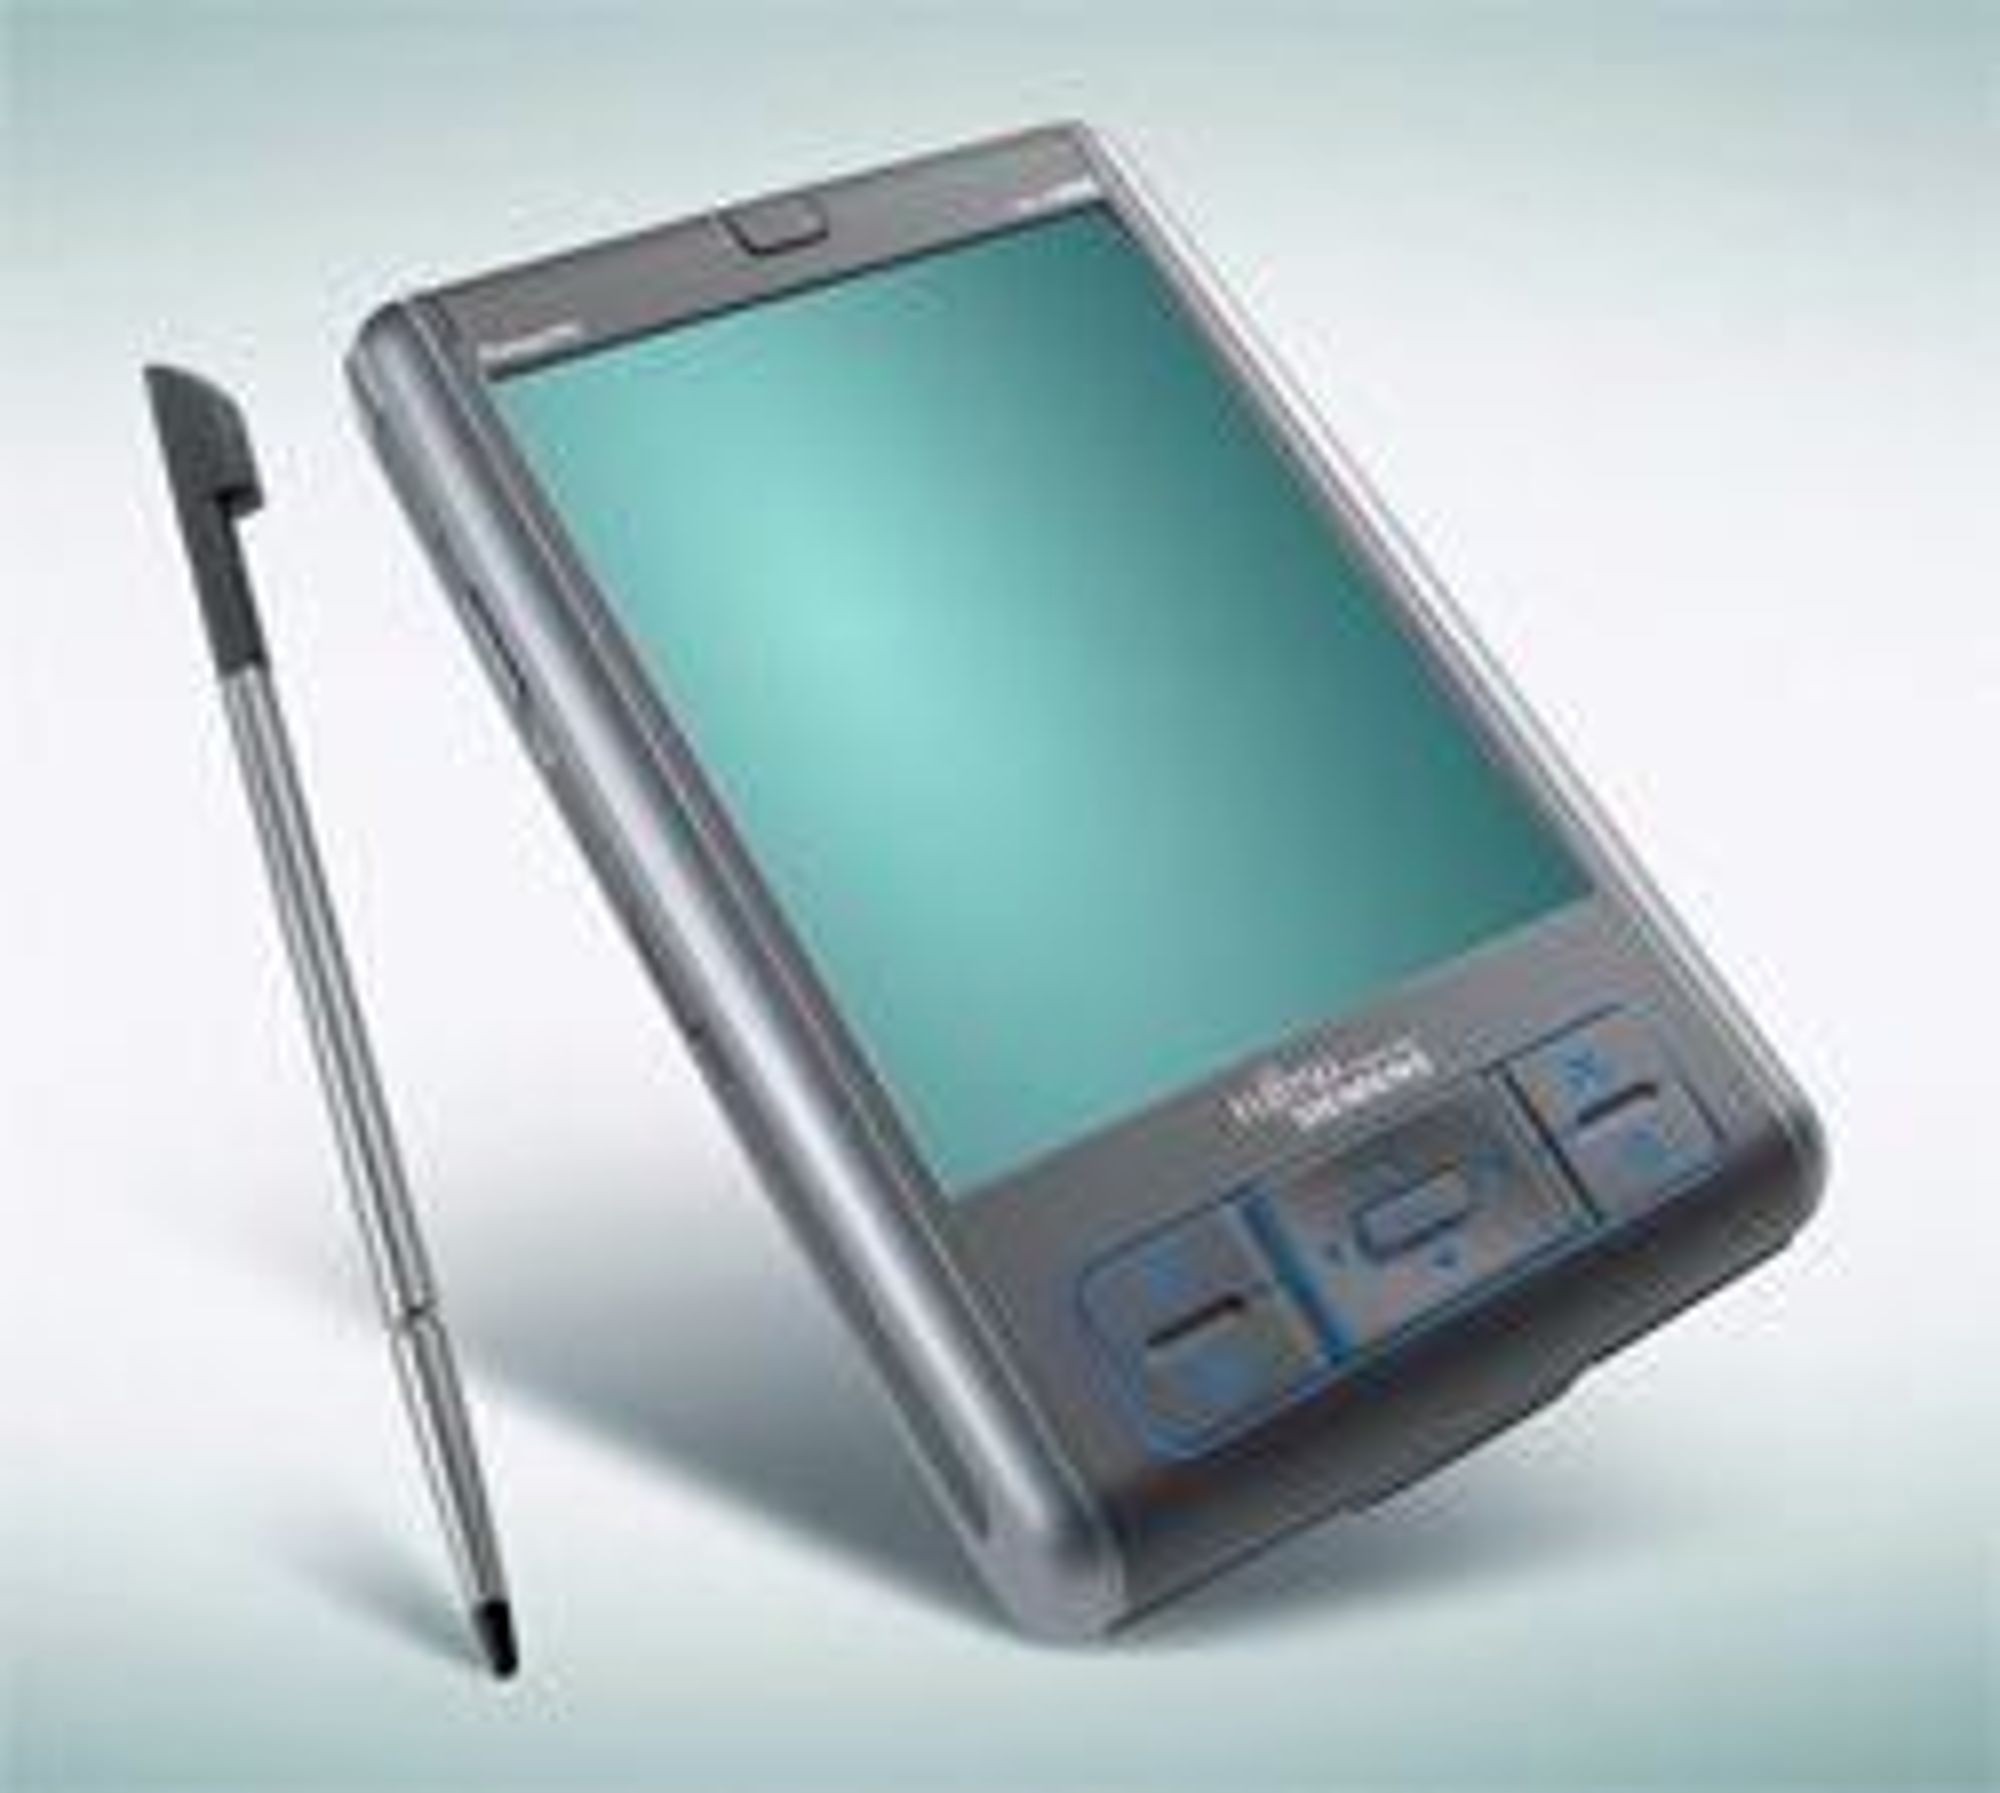 Nå er det slutt for Pocket Loox-serien. (Foto: Fujitsu-Siemens)